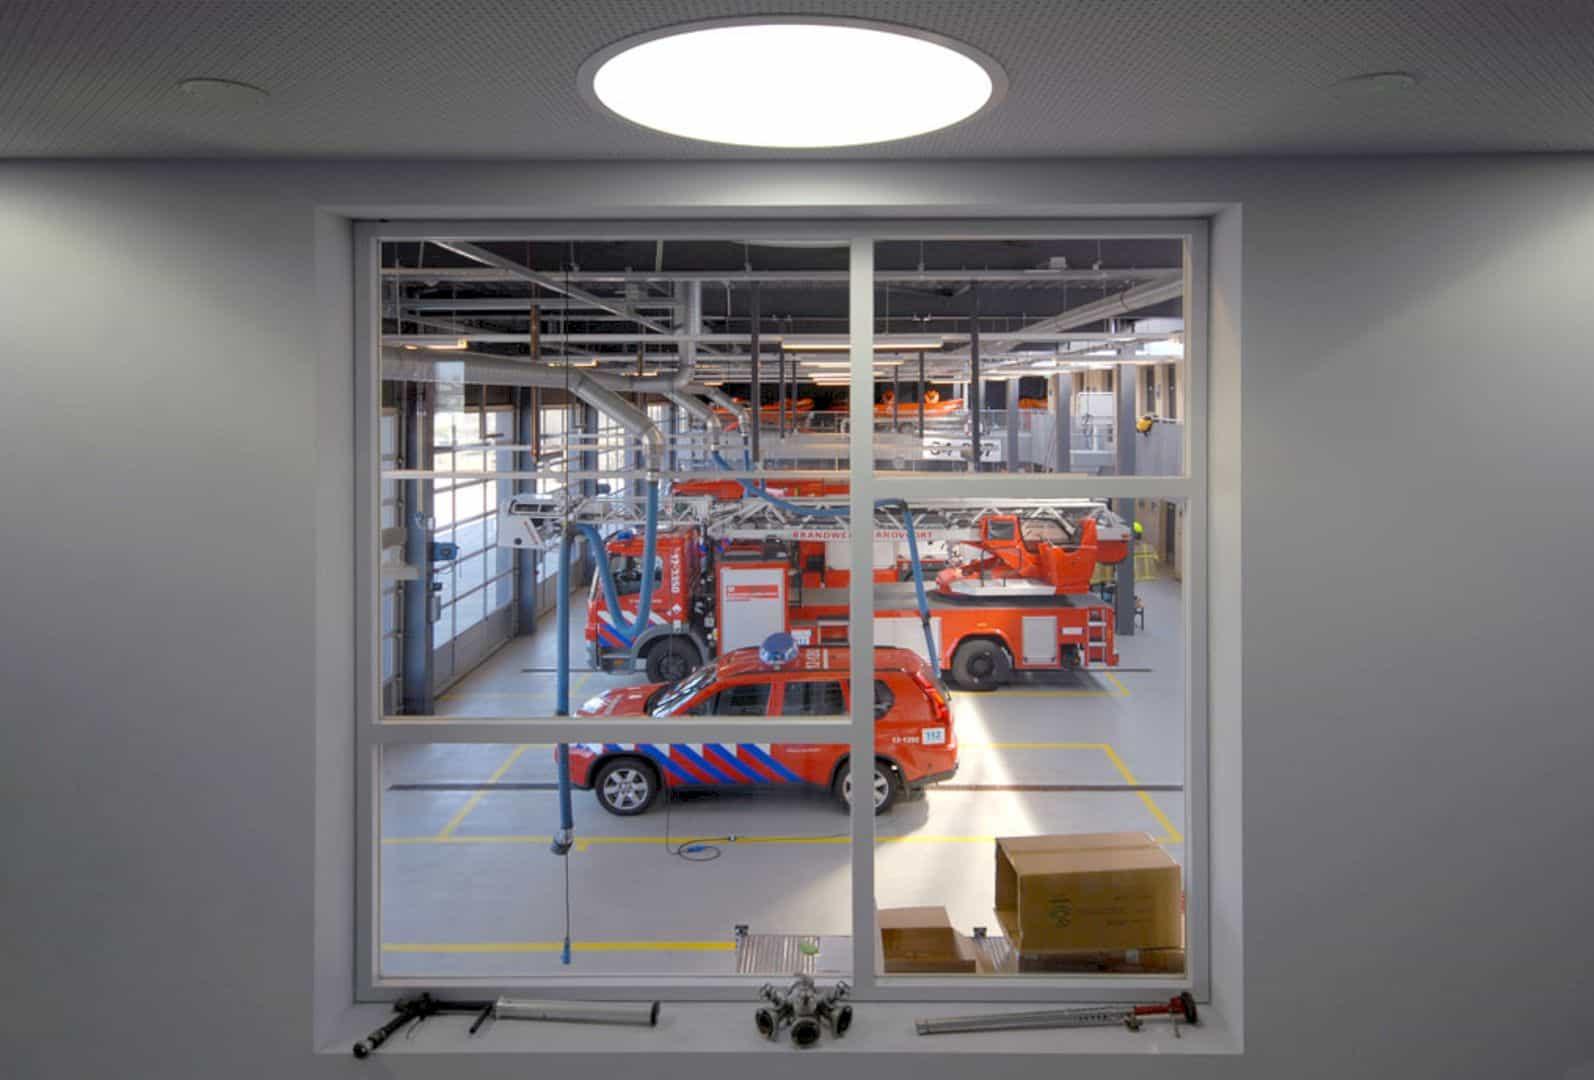 Fire Station Zandvoort By Jeanne Dekkers Architectuur 1